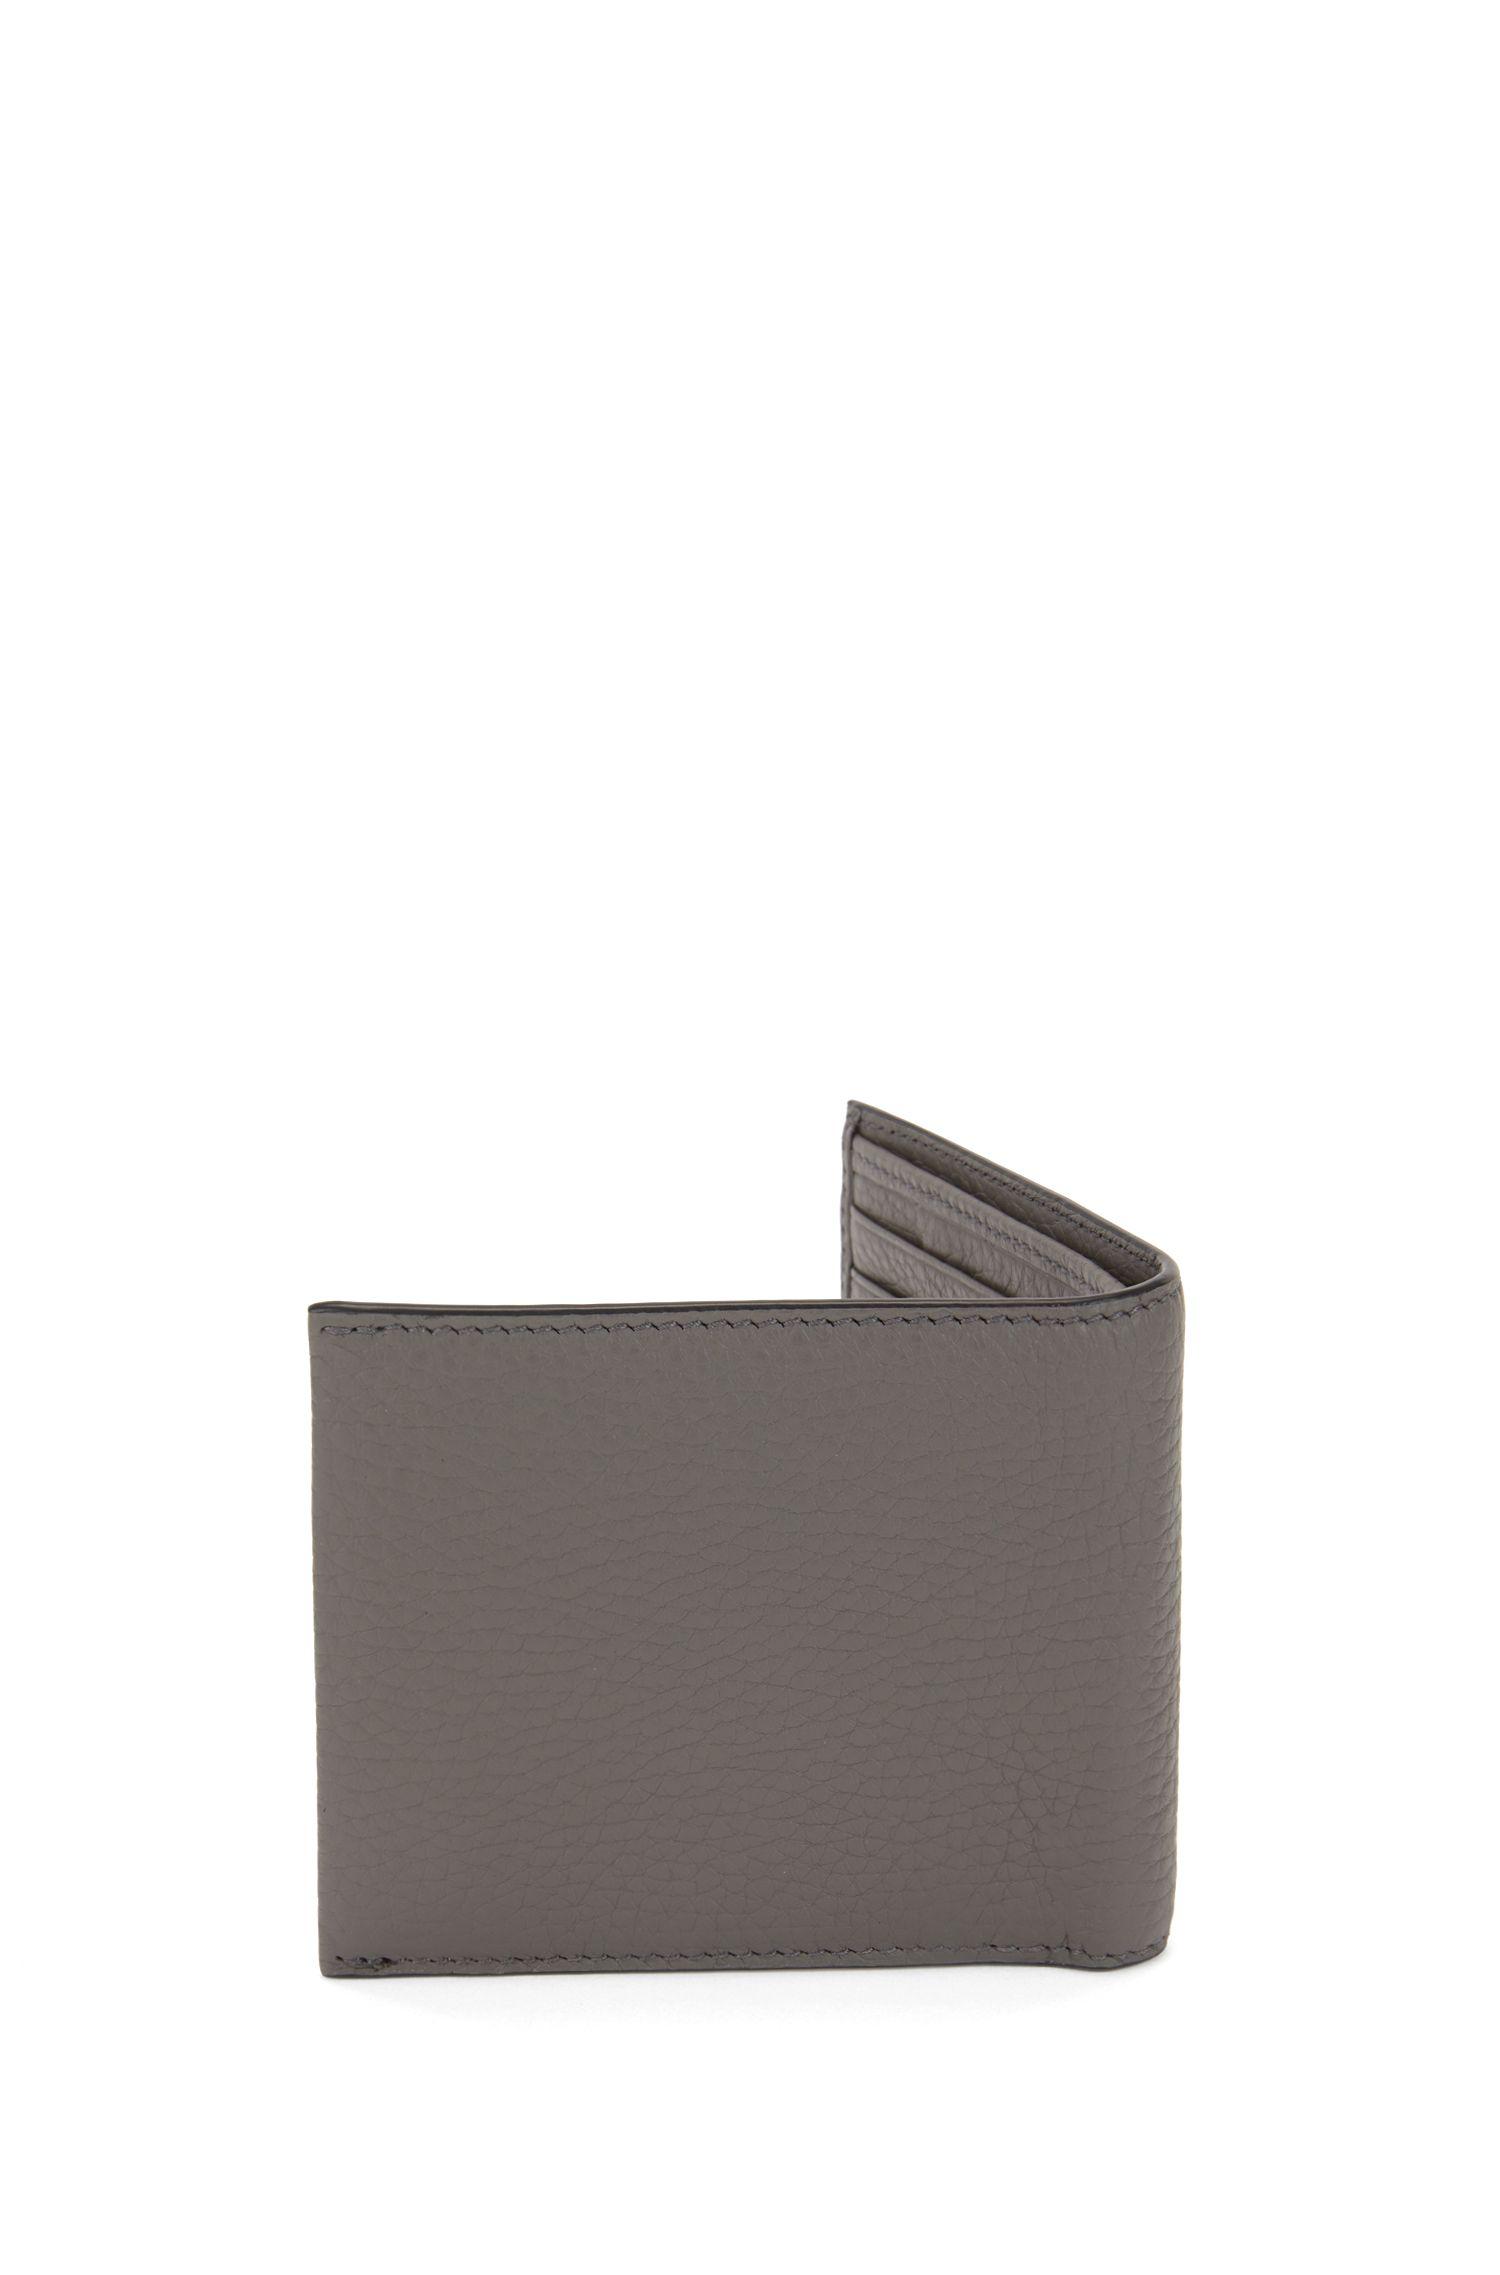 Klapp-Geldbörse aus grob genarbtem italienischem Leder, Grau